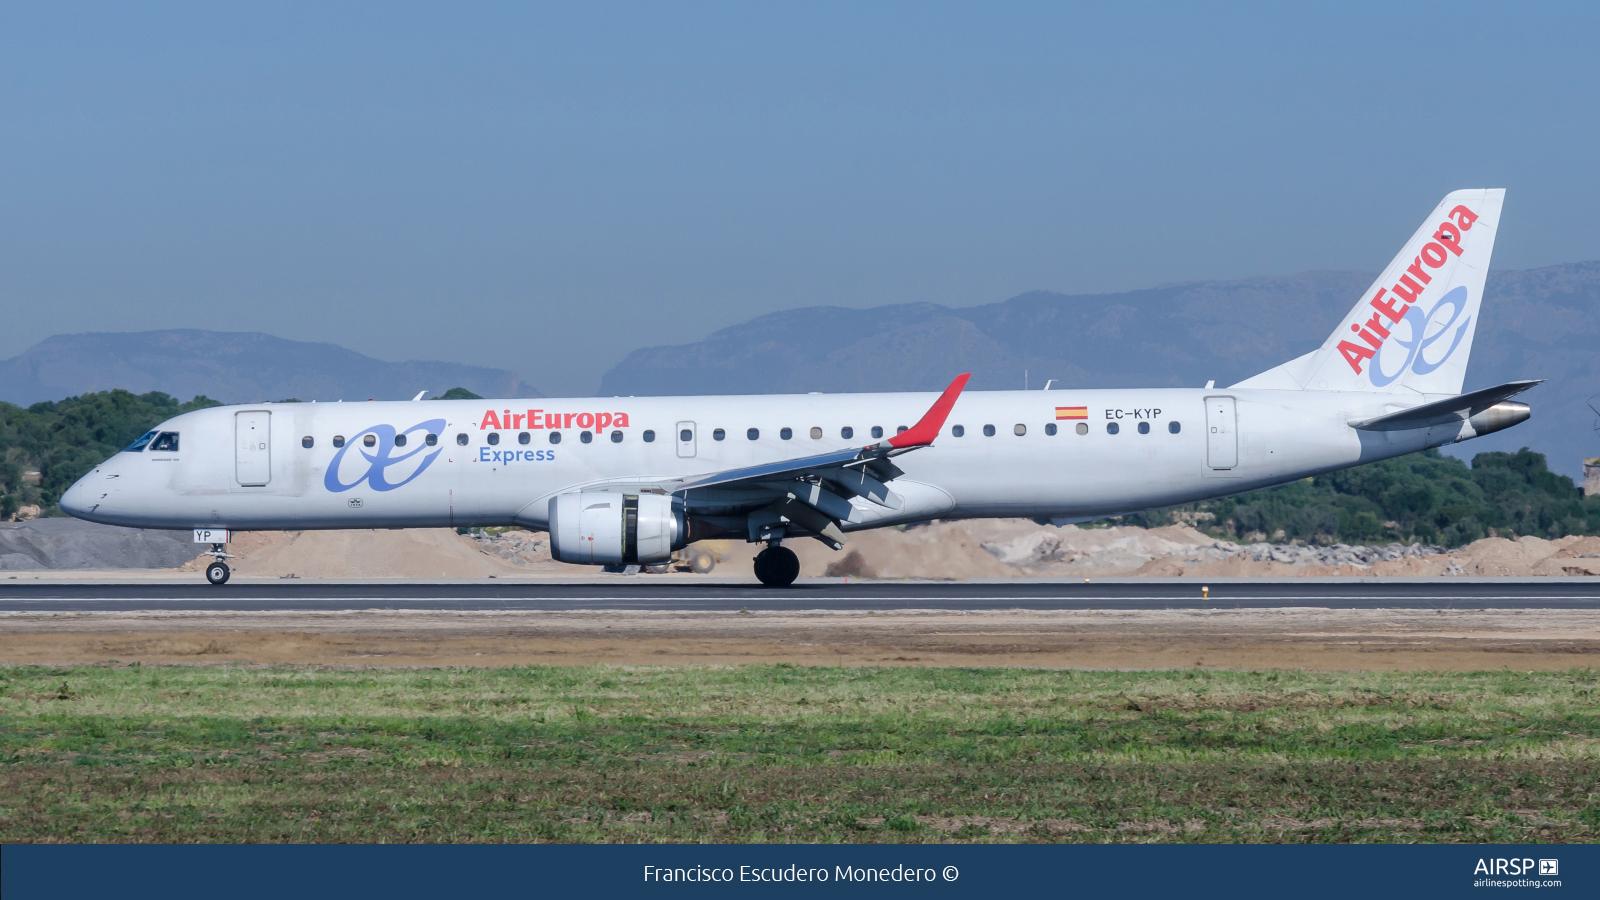 Air Europa Express  Embraer ERJ-195  EC-KYP